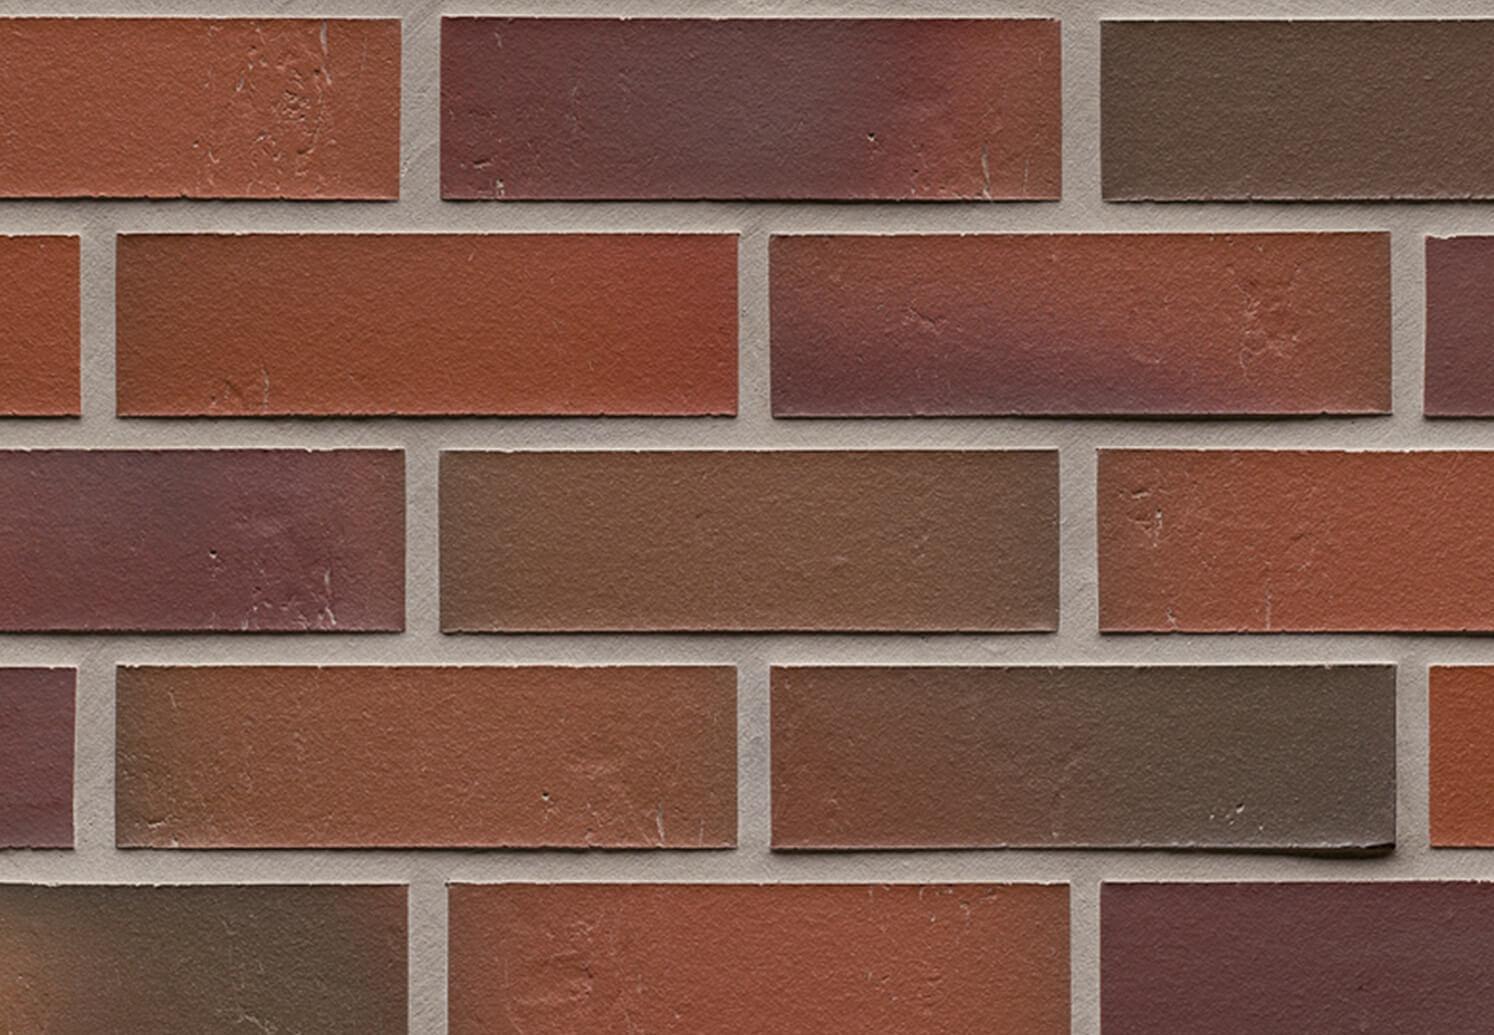 Feldhaus Klinker - R714NF14, Accudo Carmesi Bluastro, 240x14x71 - Клинкерная плитка для фасада и внутренней отделки